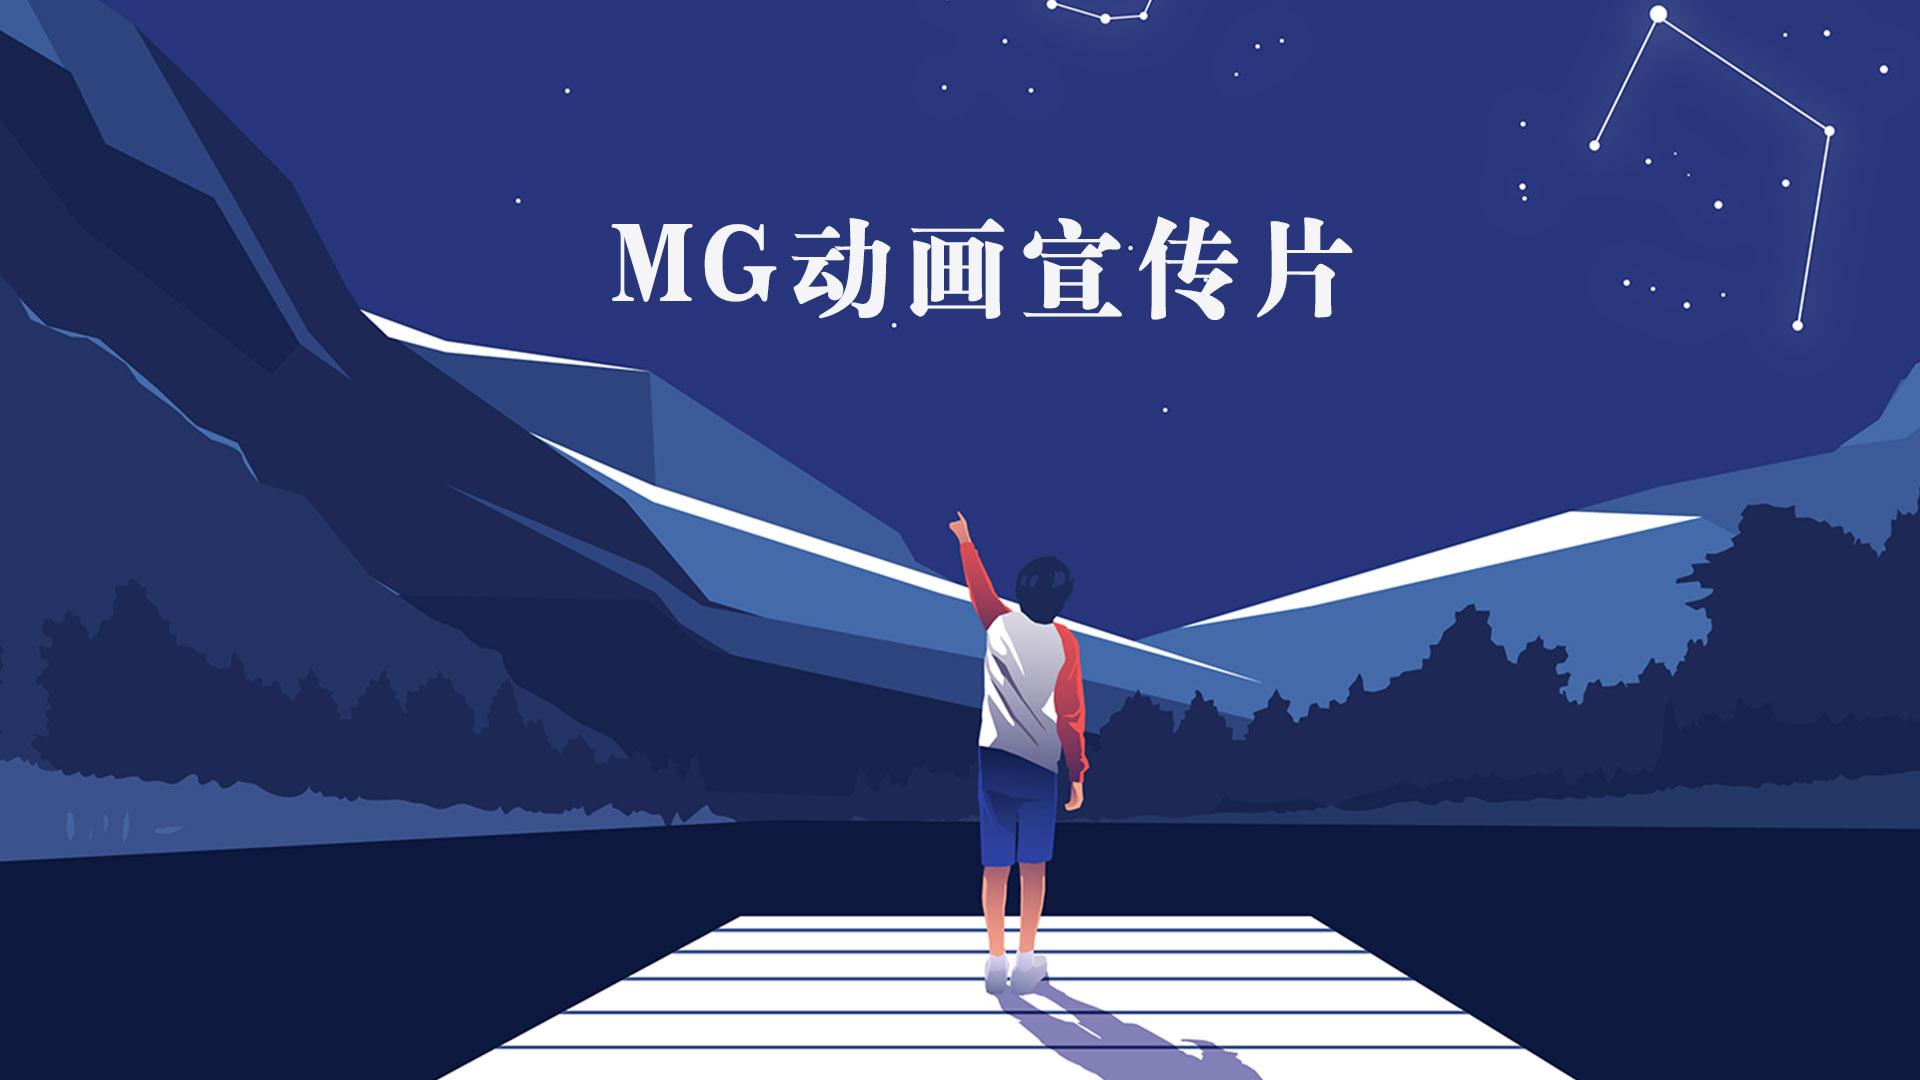 酷加文化MG动画Reel